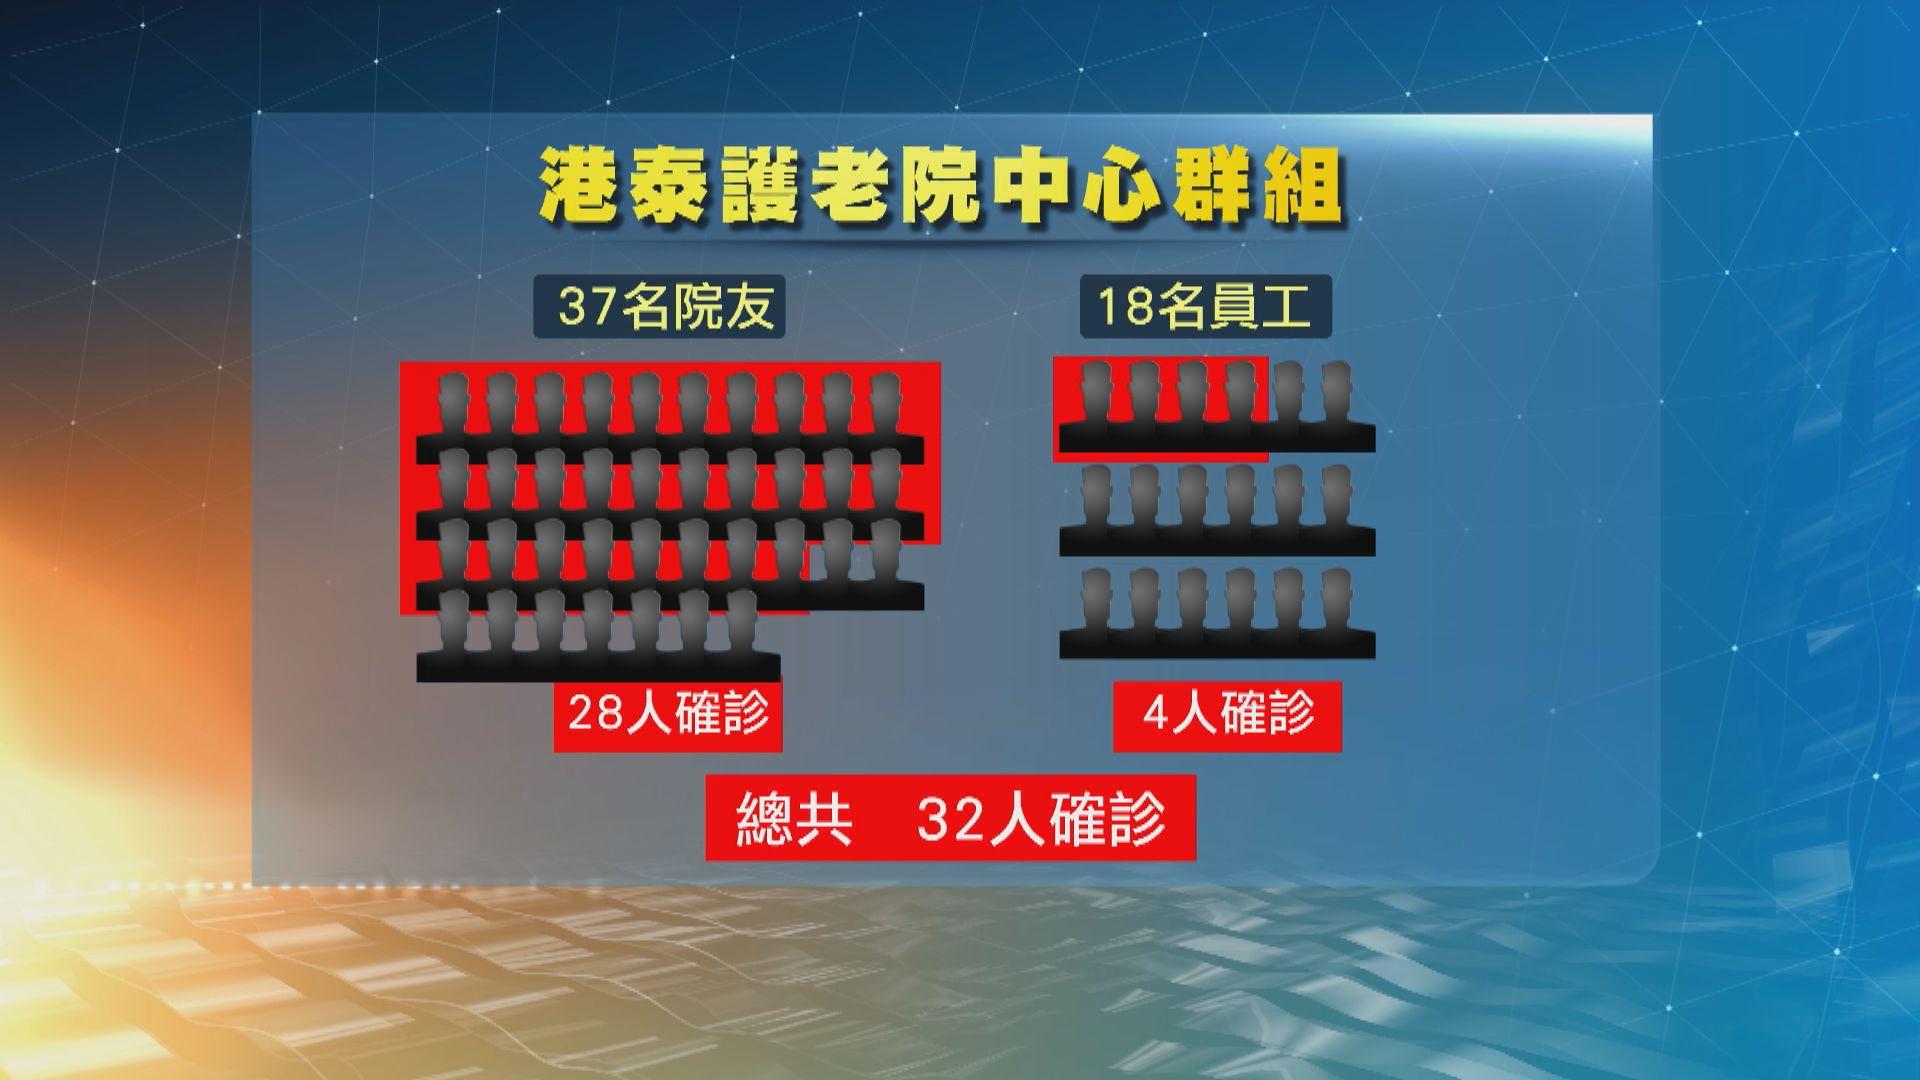 港泰護老中心再多23人確診 至今四分三院友染病